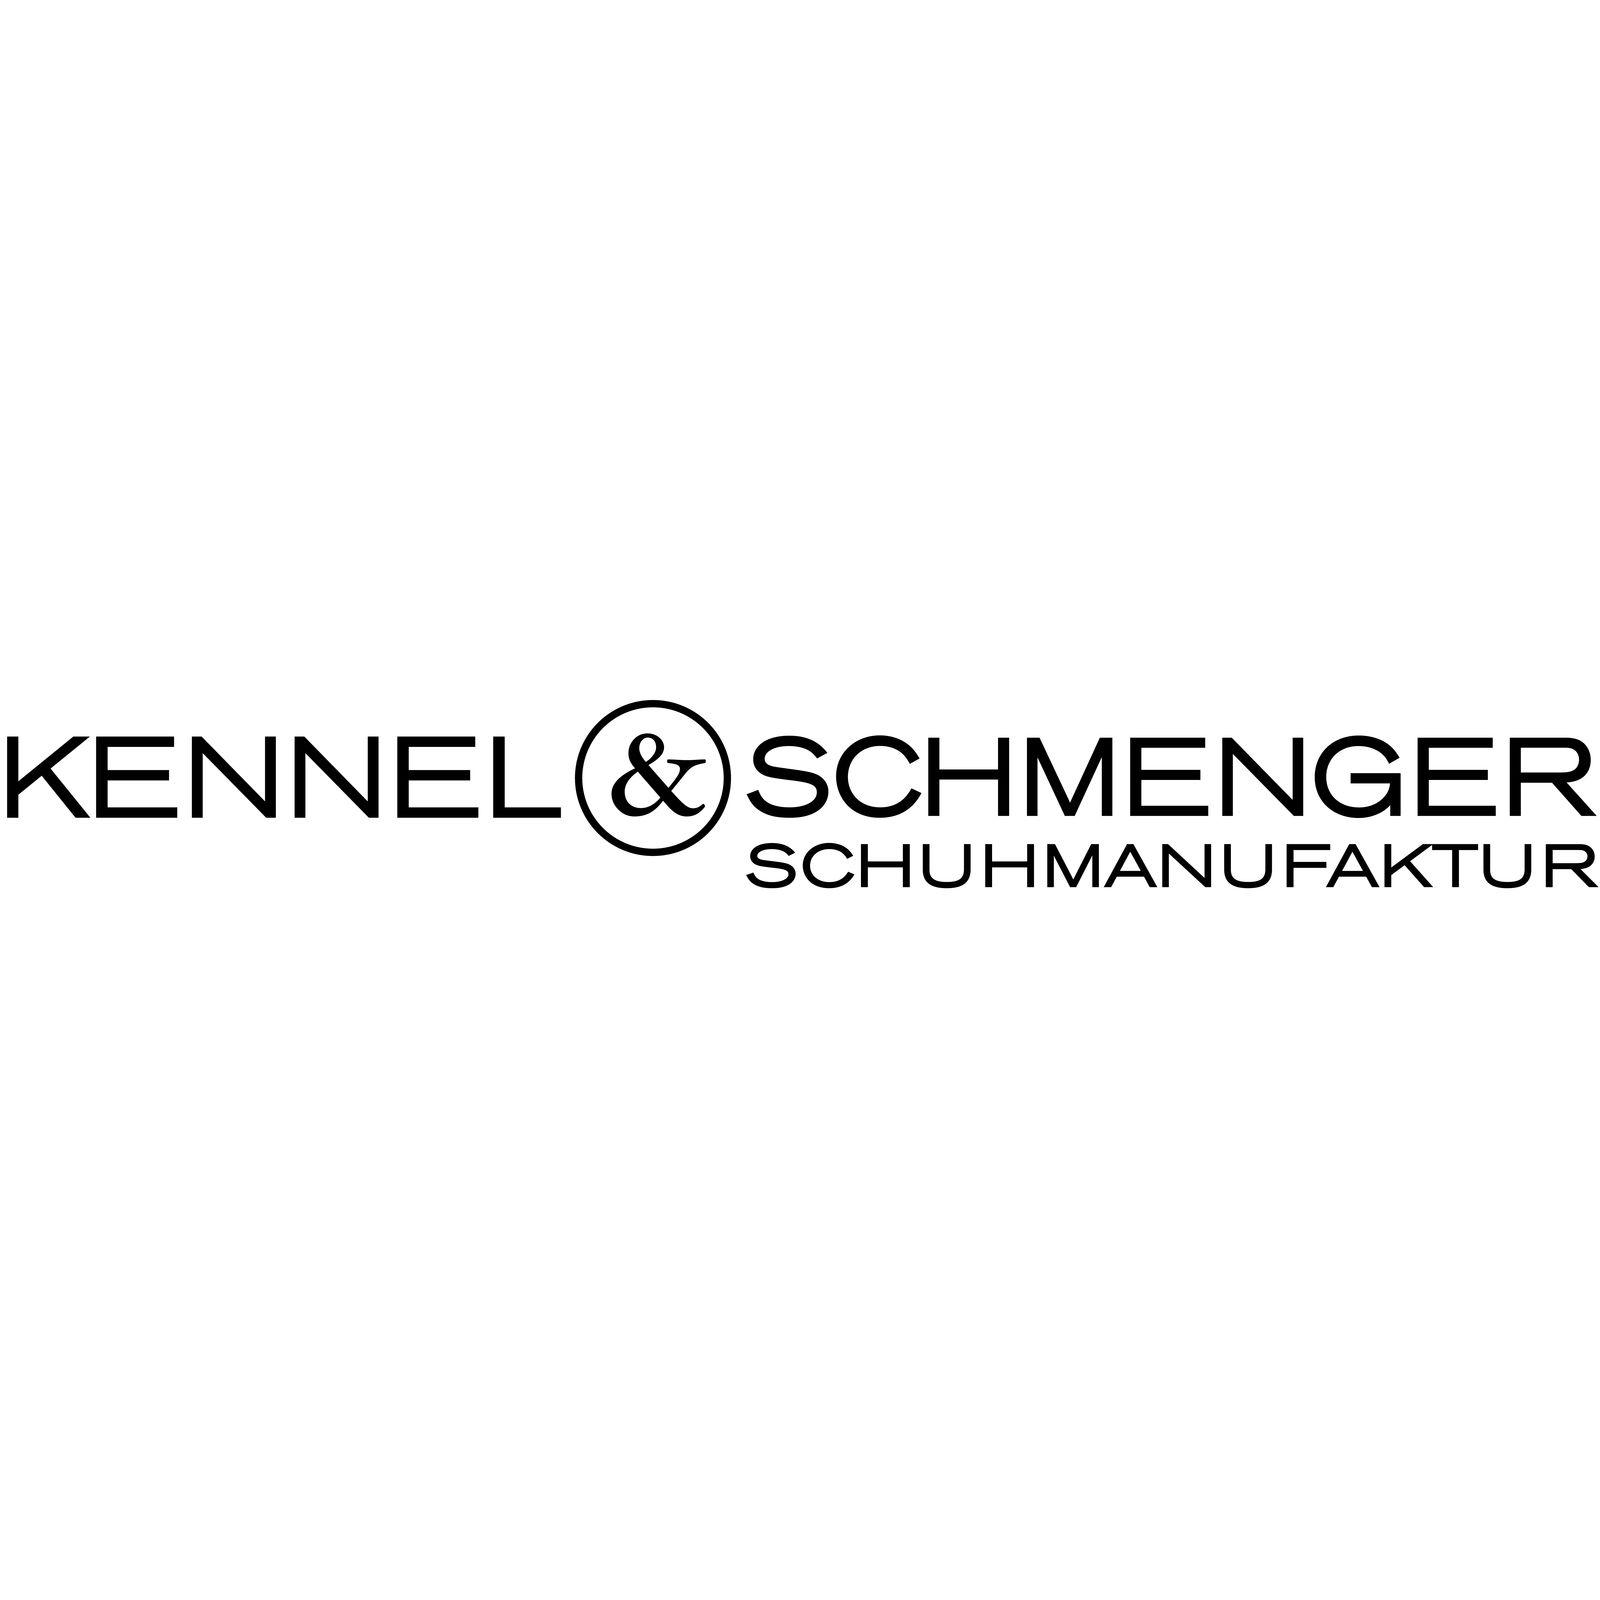 Kennel & Schmenger (Bild 1)